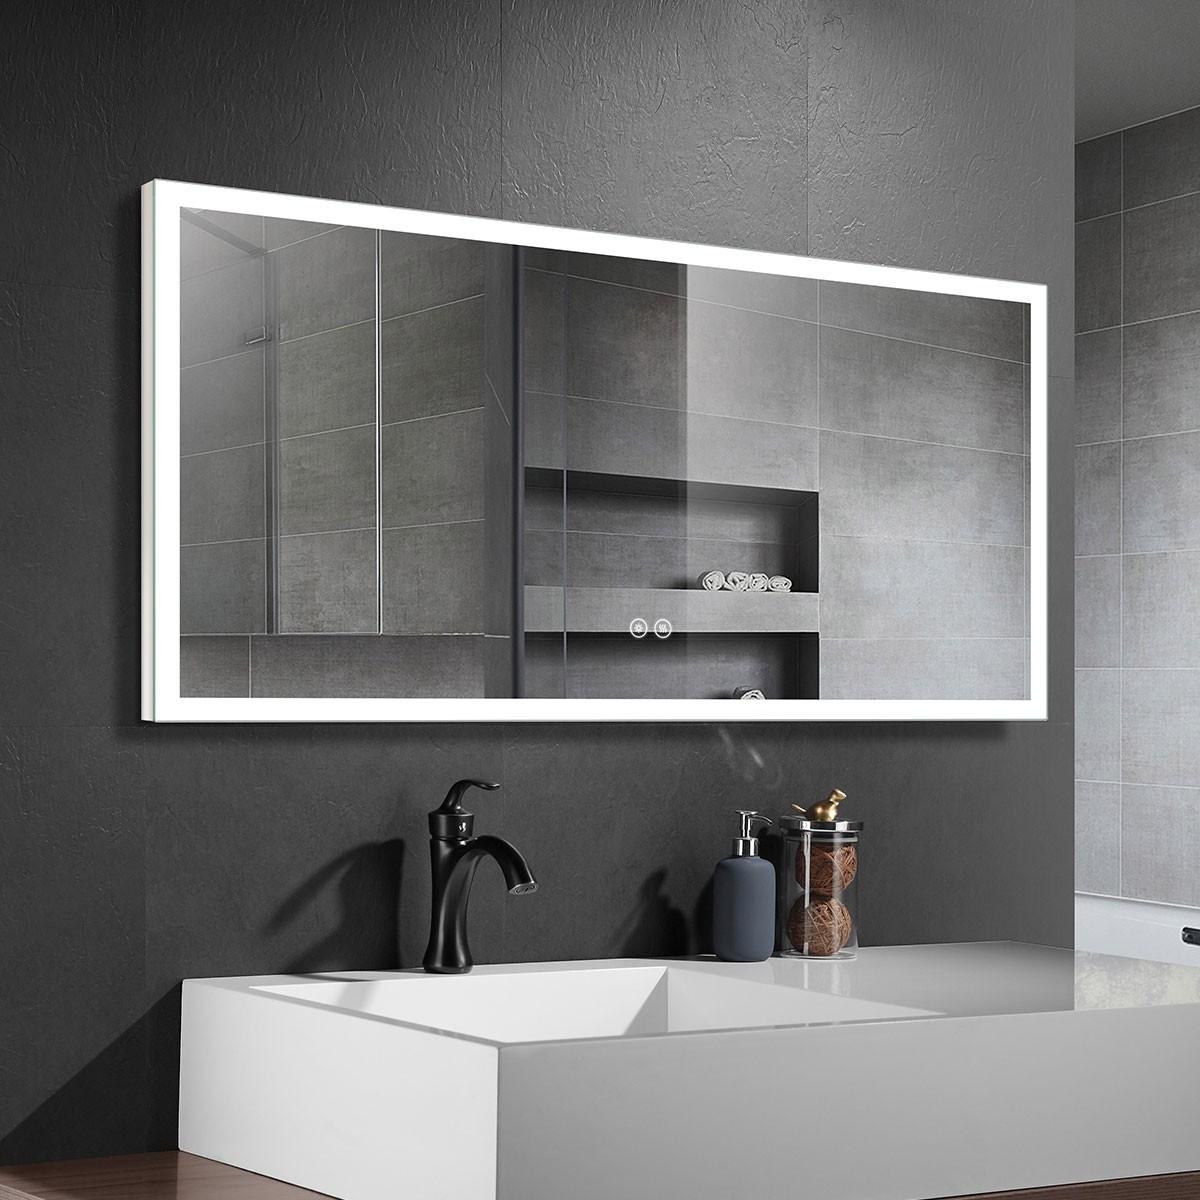 DECORAPORT 55 x 28 Po Miroir de Salle de Bain LED avec Bouton Tactile, Anti-Buée, Luminosité Réglable, Bluetooth, Montage Vertical & Horizontal (D122-5528A)